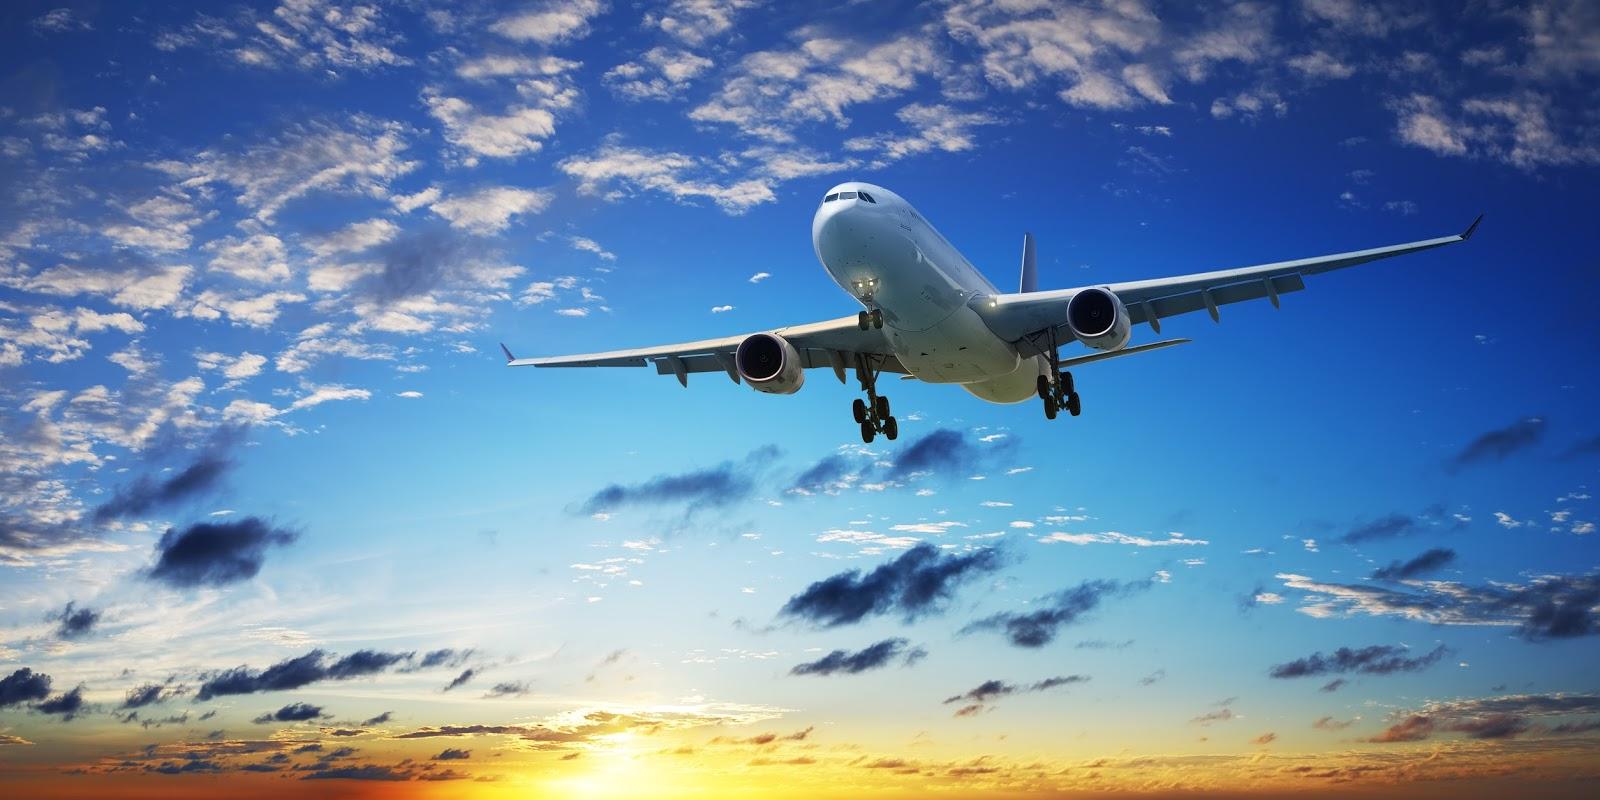 چگونه ارتفاع هواپیمای در حال پرواز را محاسبه می کنند؟